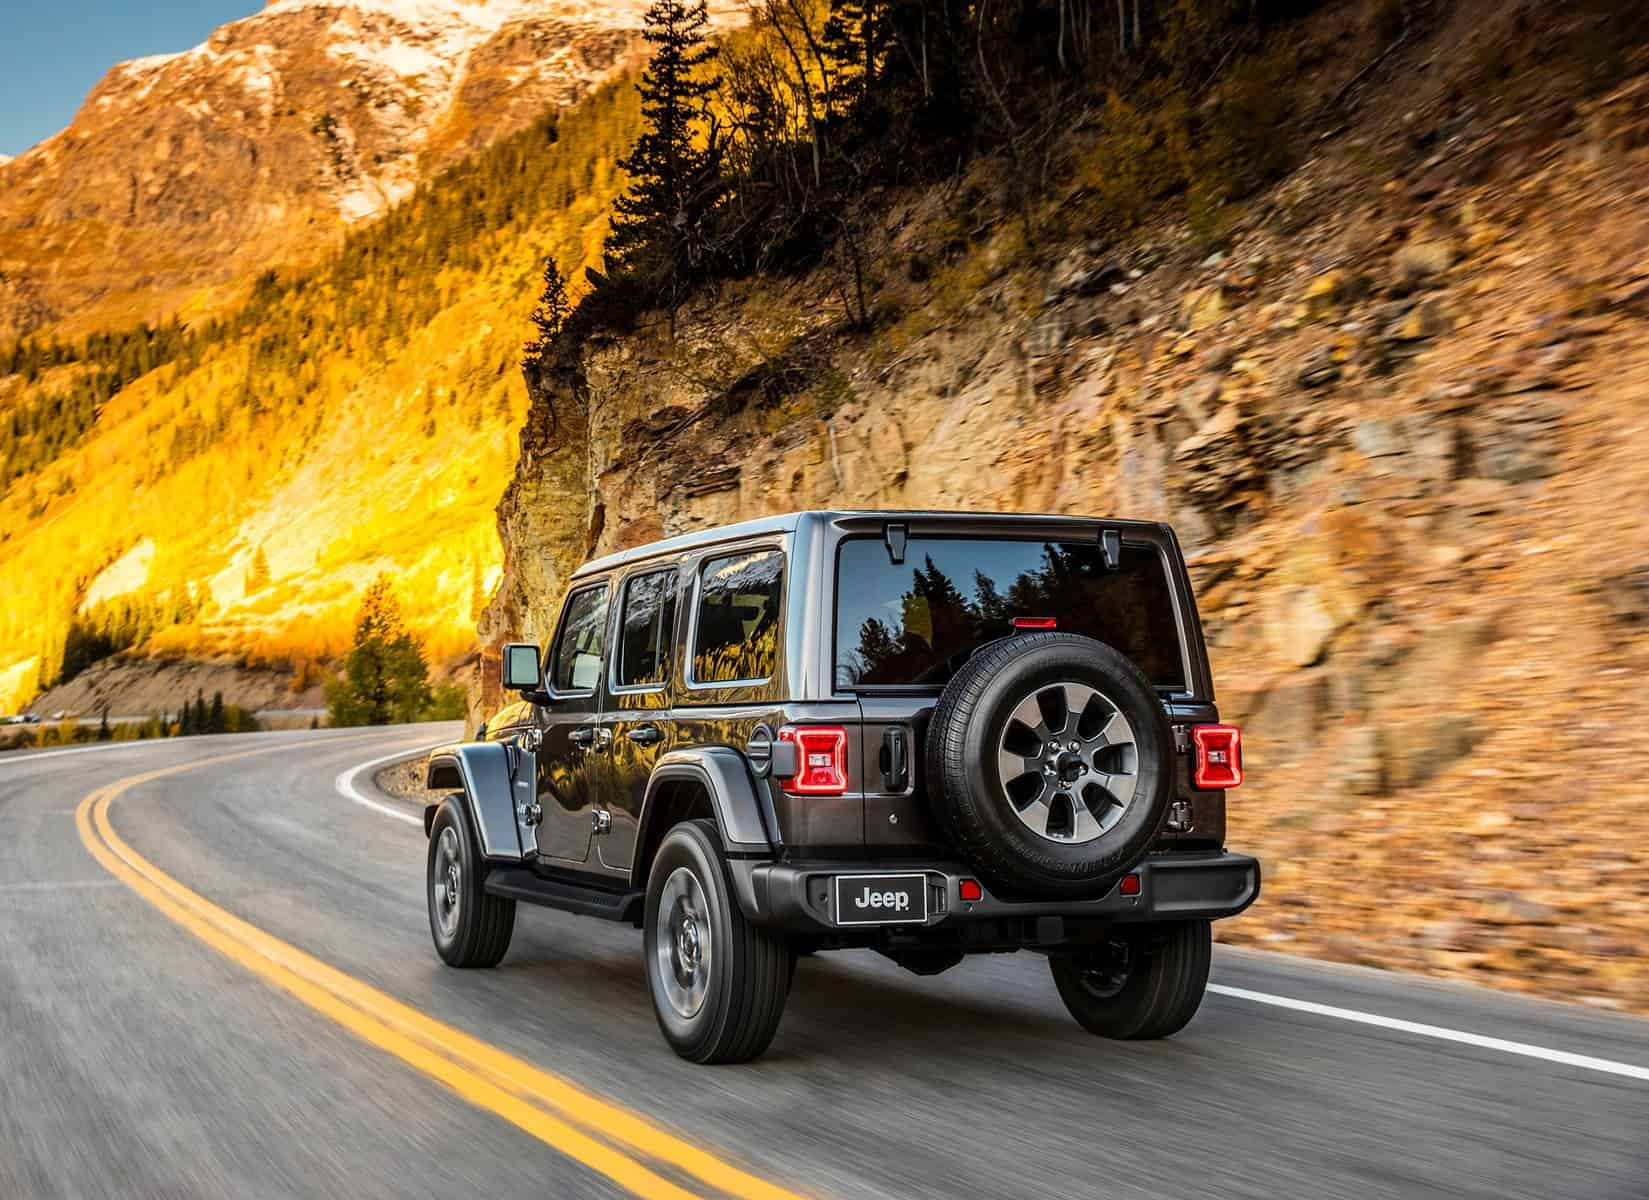 new jeep wrangler 2018 price in india